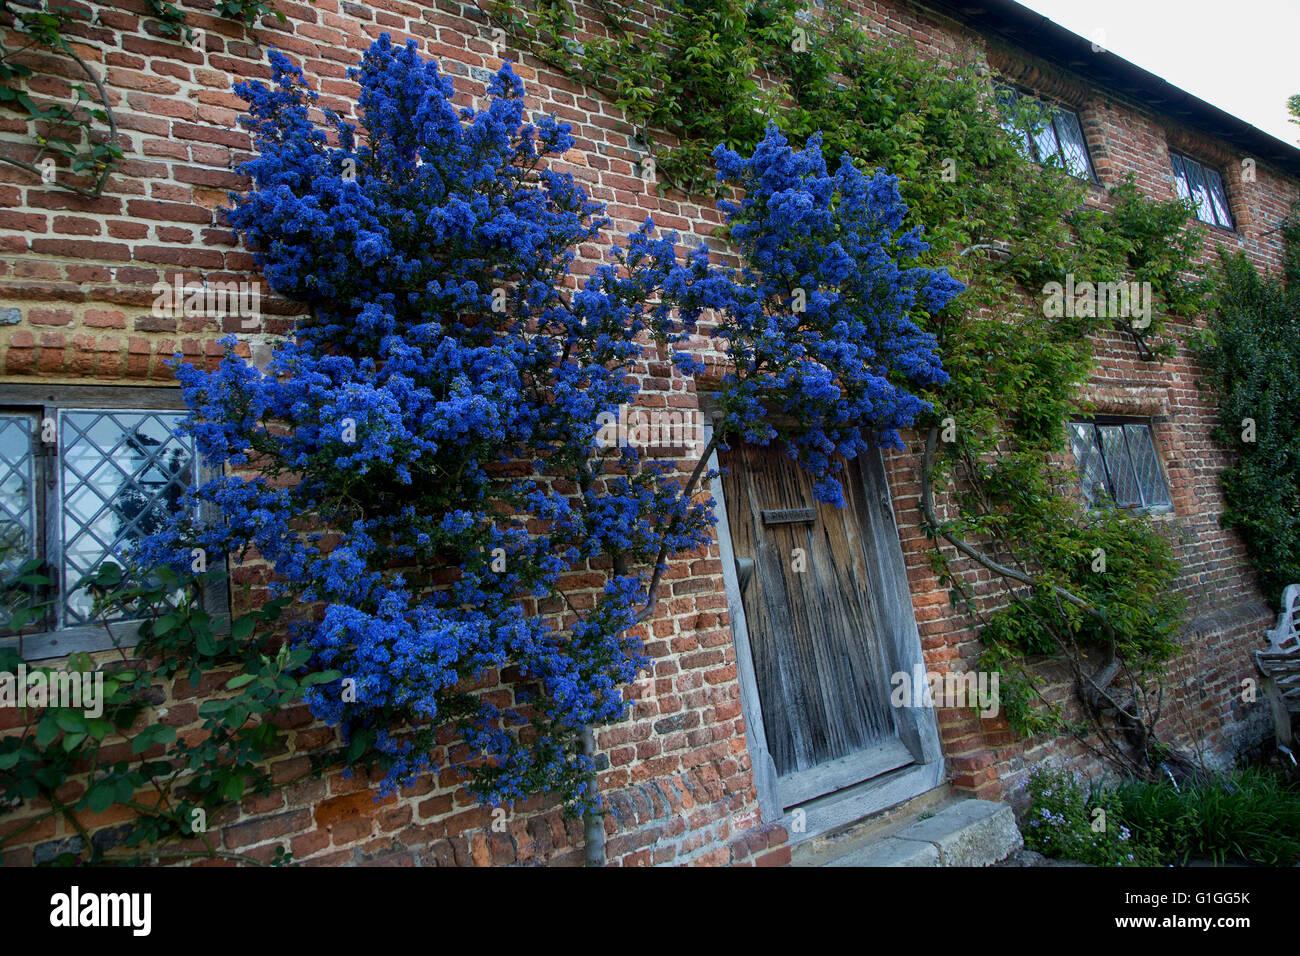 ceanothus puget blue sissinghurst castle garden stock. Black Bedroom Furniture Sets. Home Design Ideas